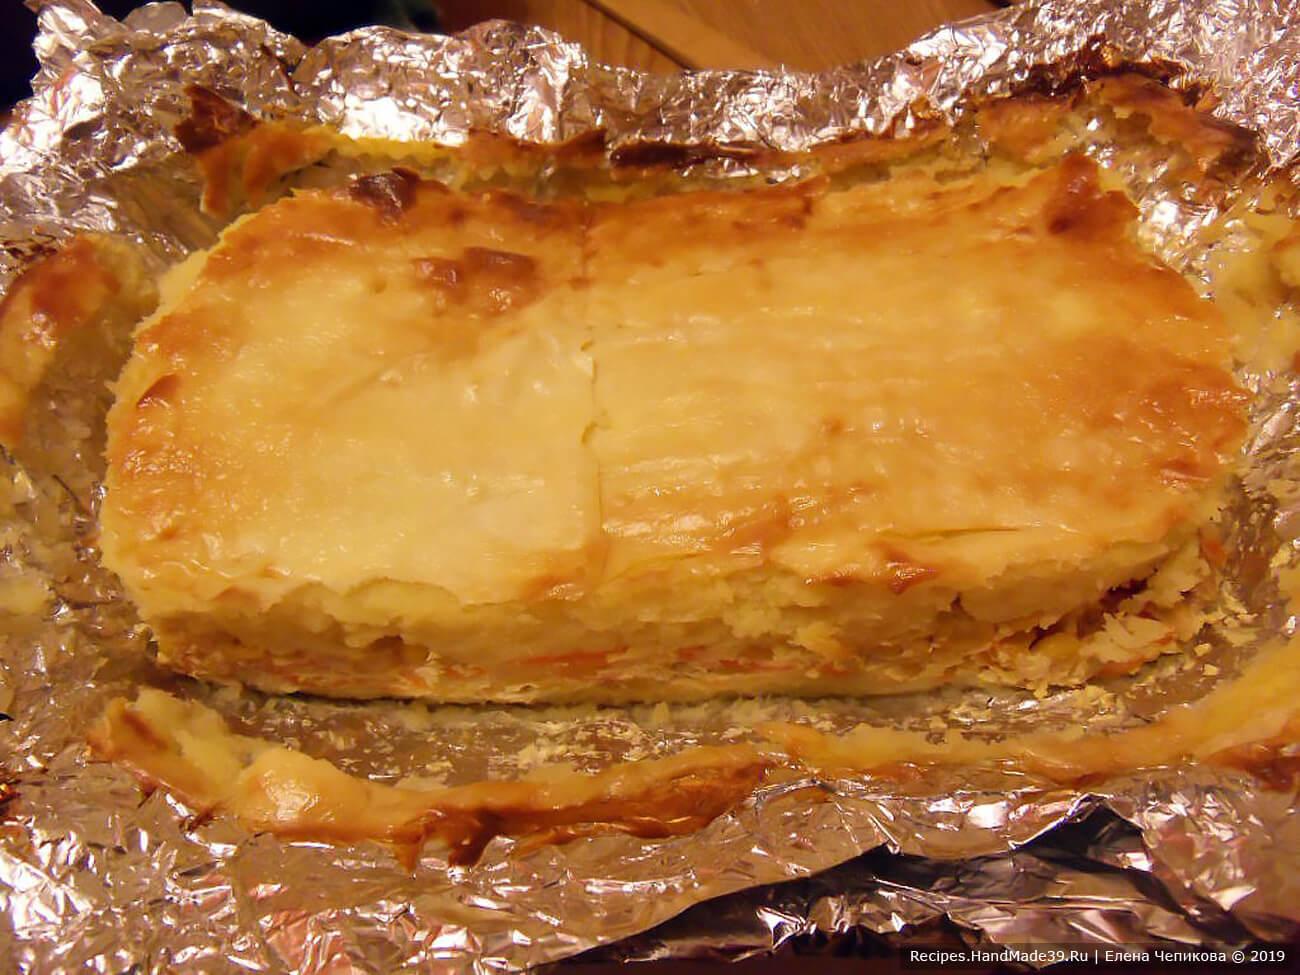 Запекать в духовке, разогретой до температуры 200 °C, до появления золотистой корочки